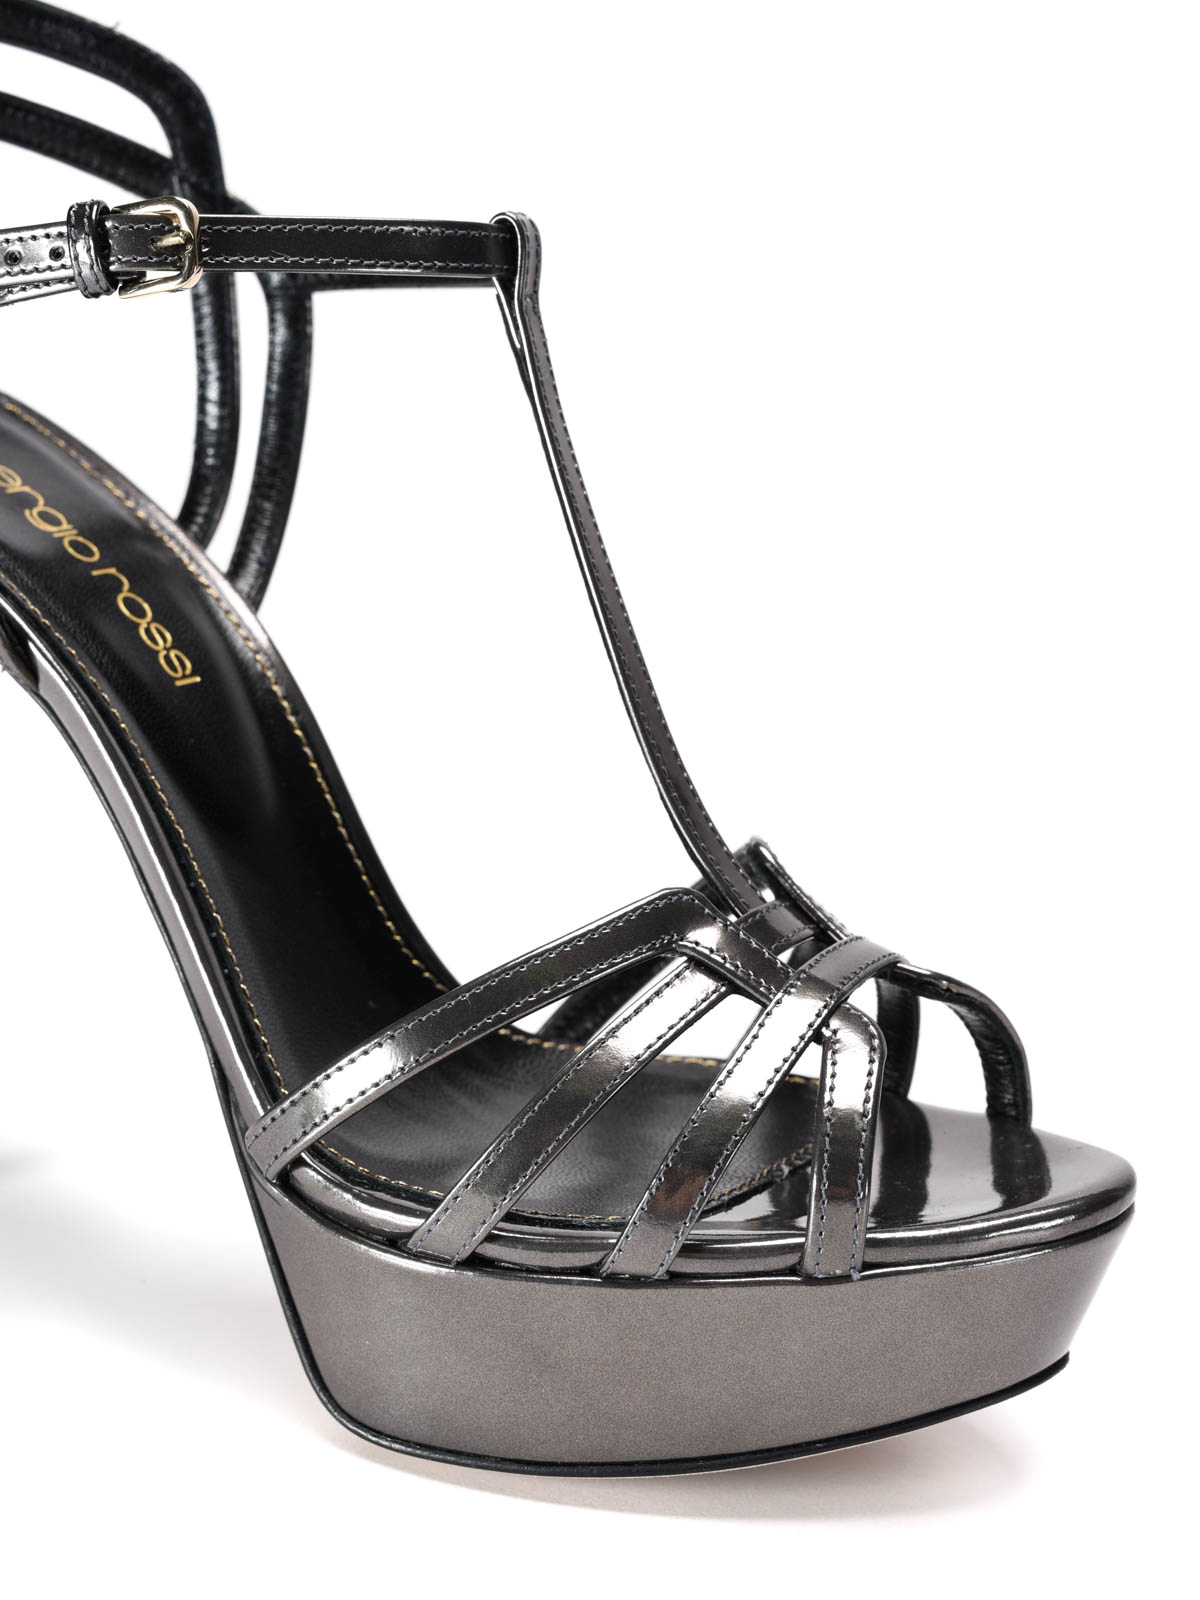 Sergio rossi sandali alti in vernice a specchio sandali a74170 mmv402 1000 111 - Vernice a specchio ...